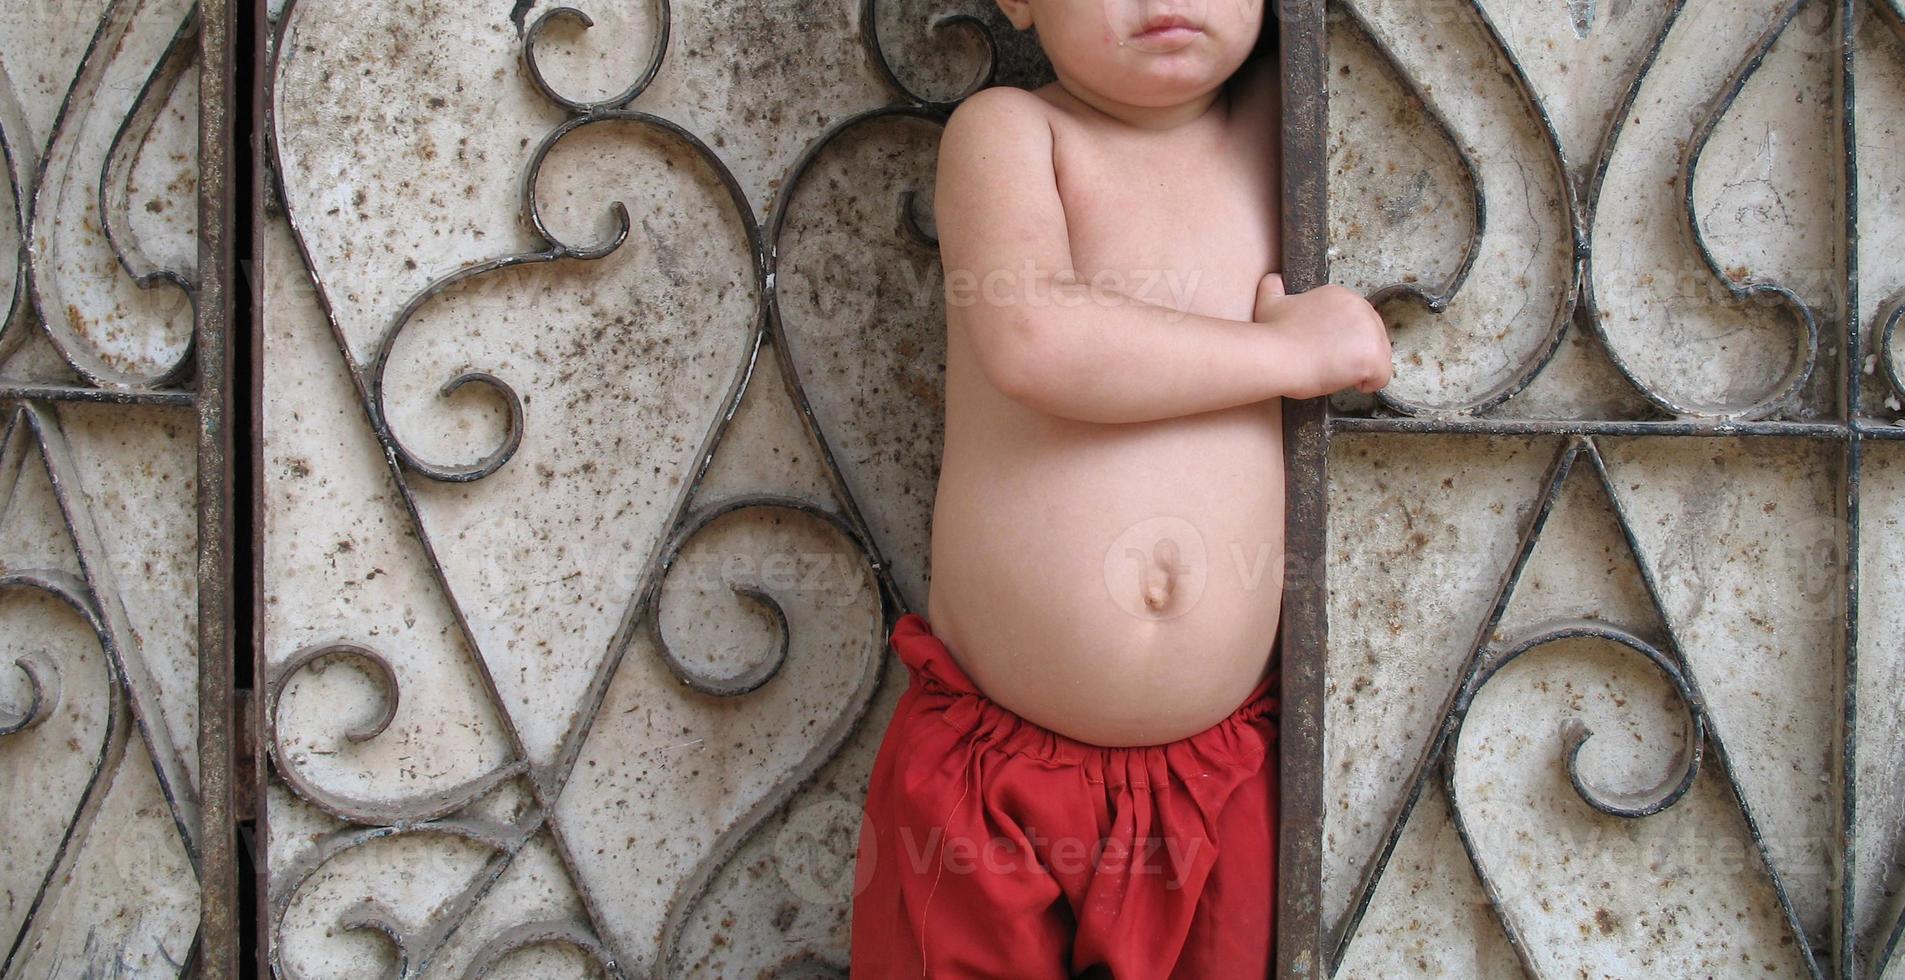 pauvreté sans visage photo